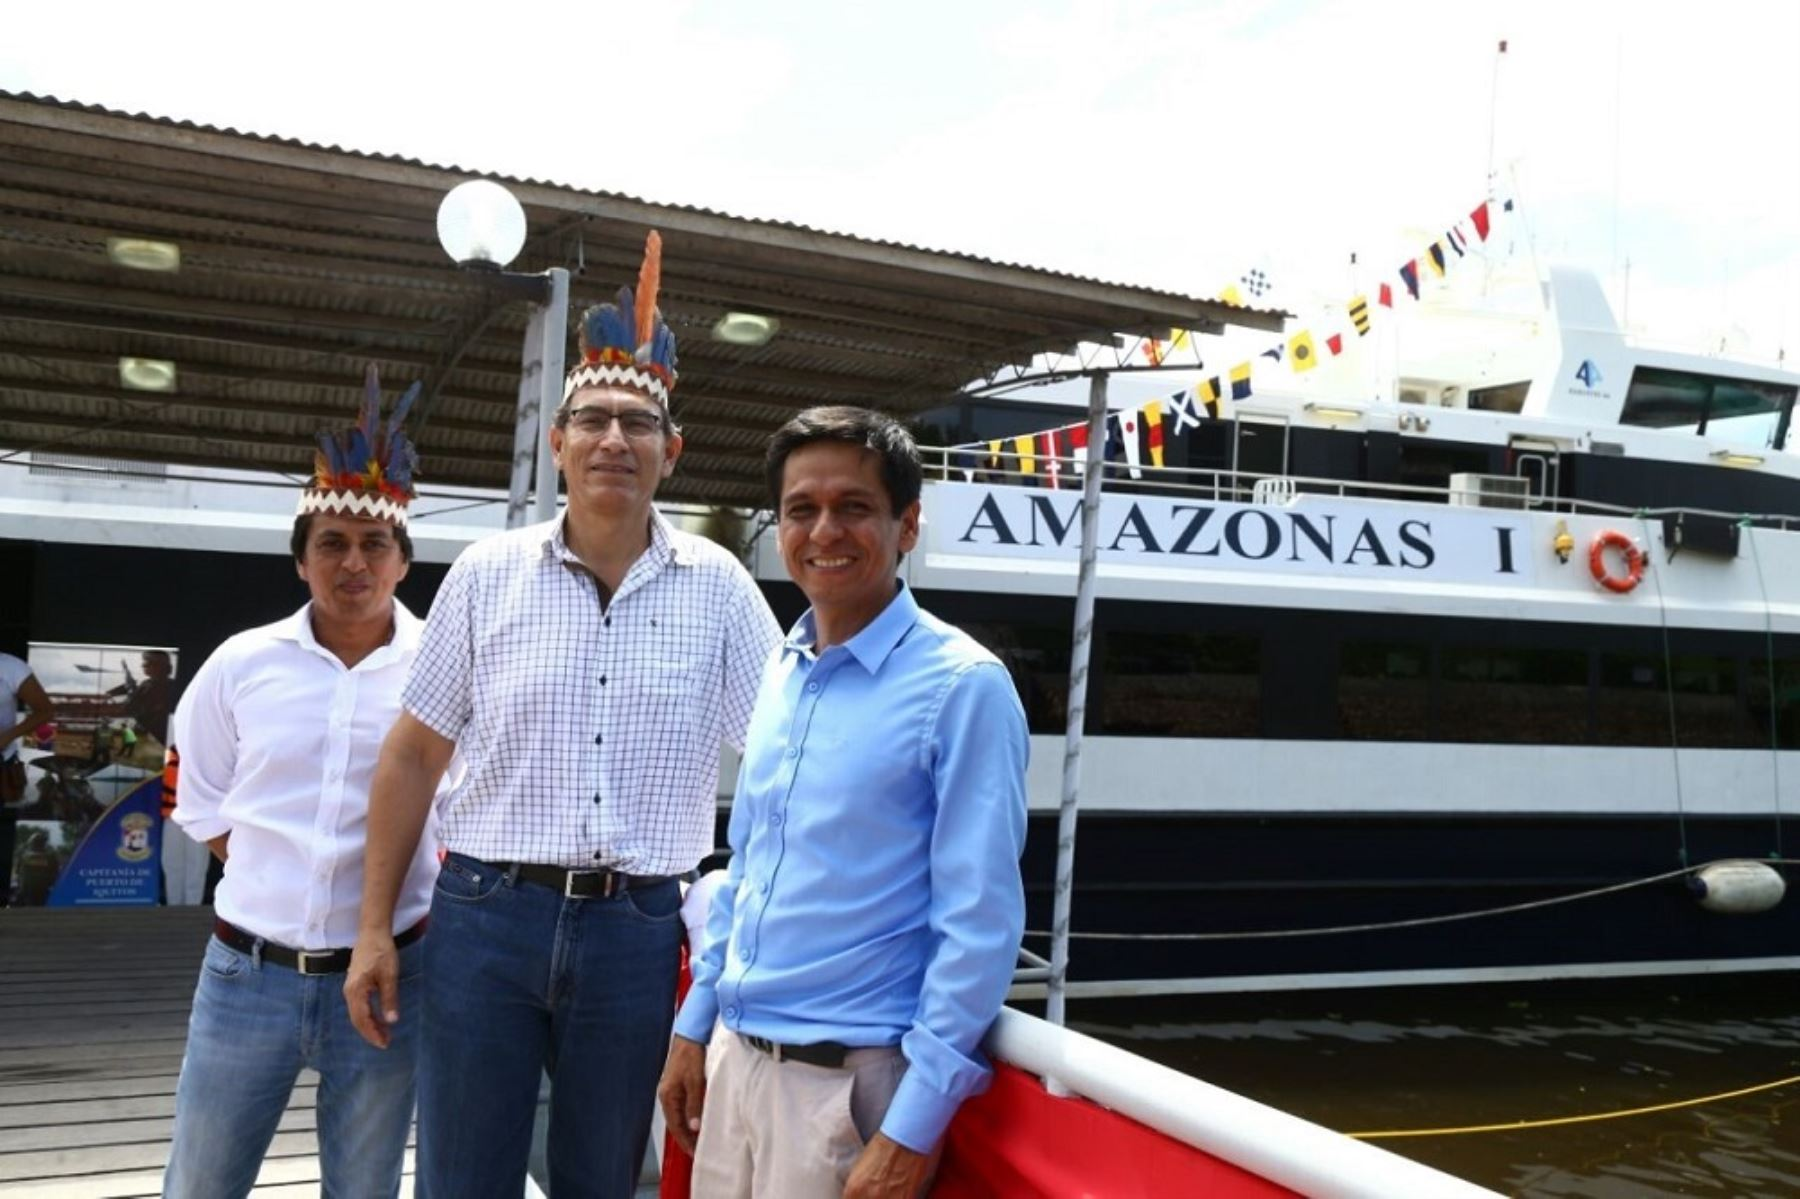 Ministro de Transportes y Comunicaciones, Martín Vizcarra; junto al gobernador regional de Loreto, Fernando Meléndez; y el congresista por Loreto, Jorge Meléndez, visitaron el Ferry Amazónico que prestará servicios desde el próximo 13 de marzo.